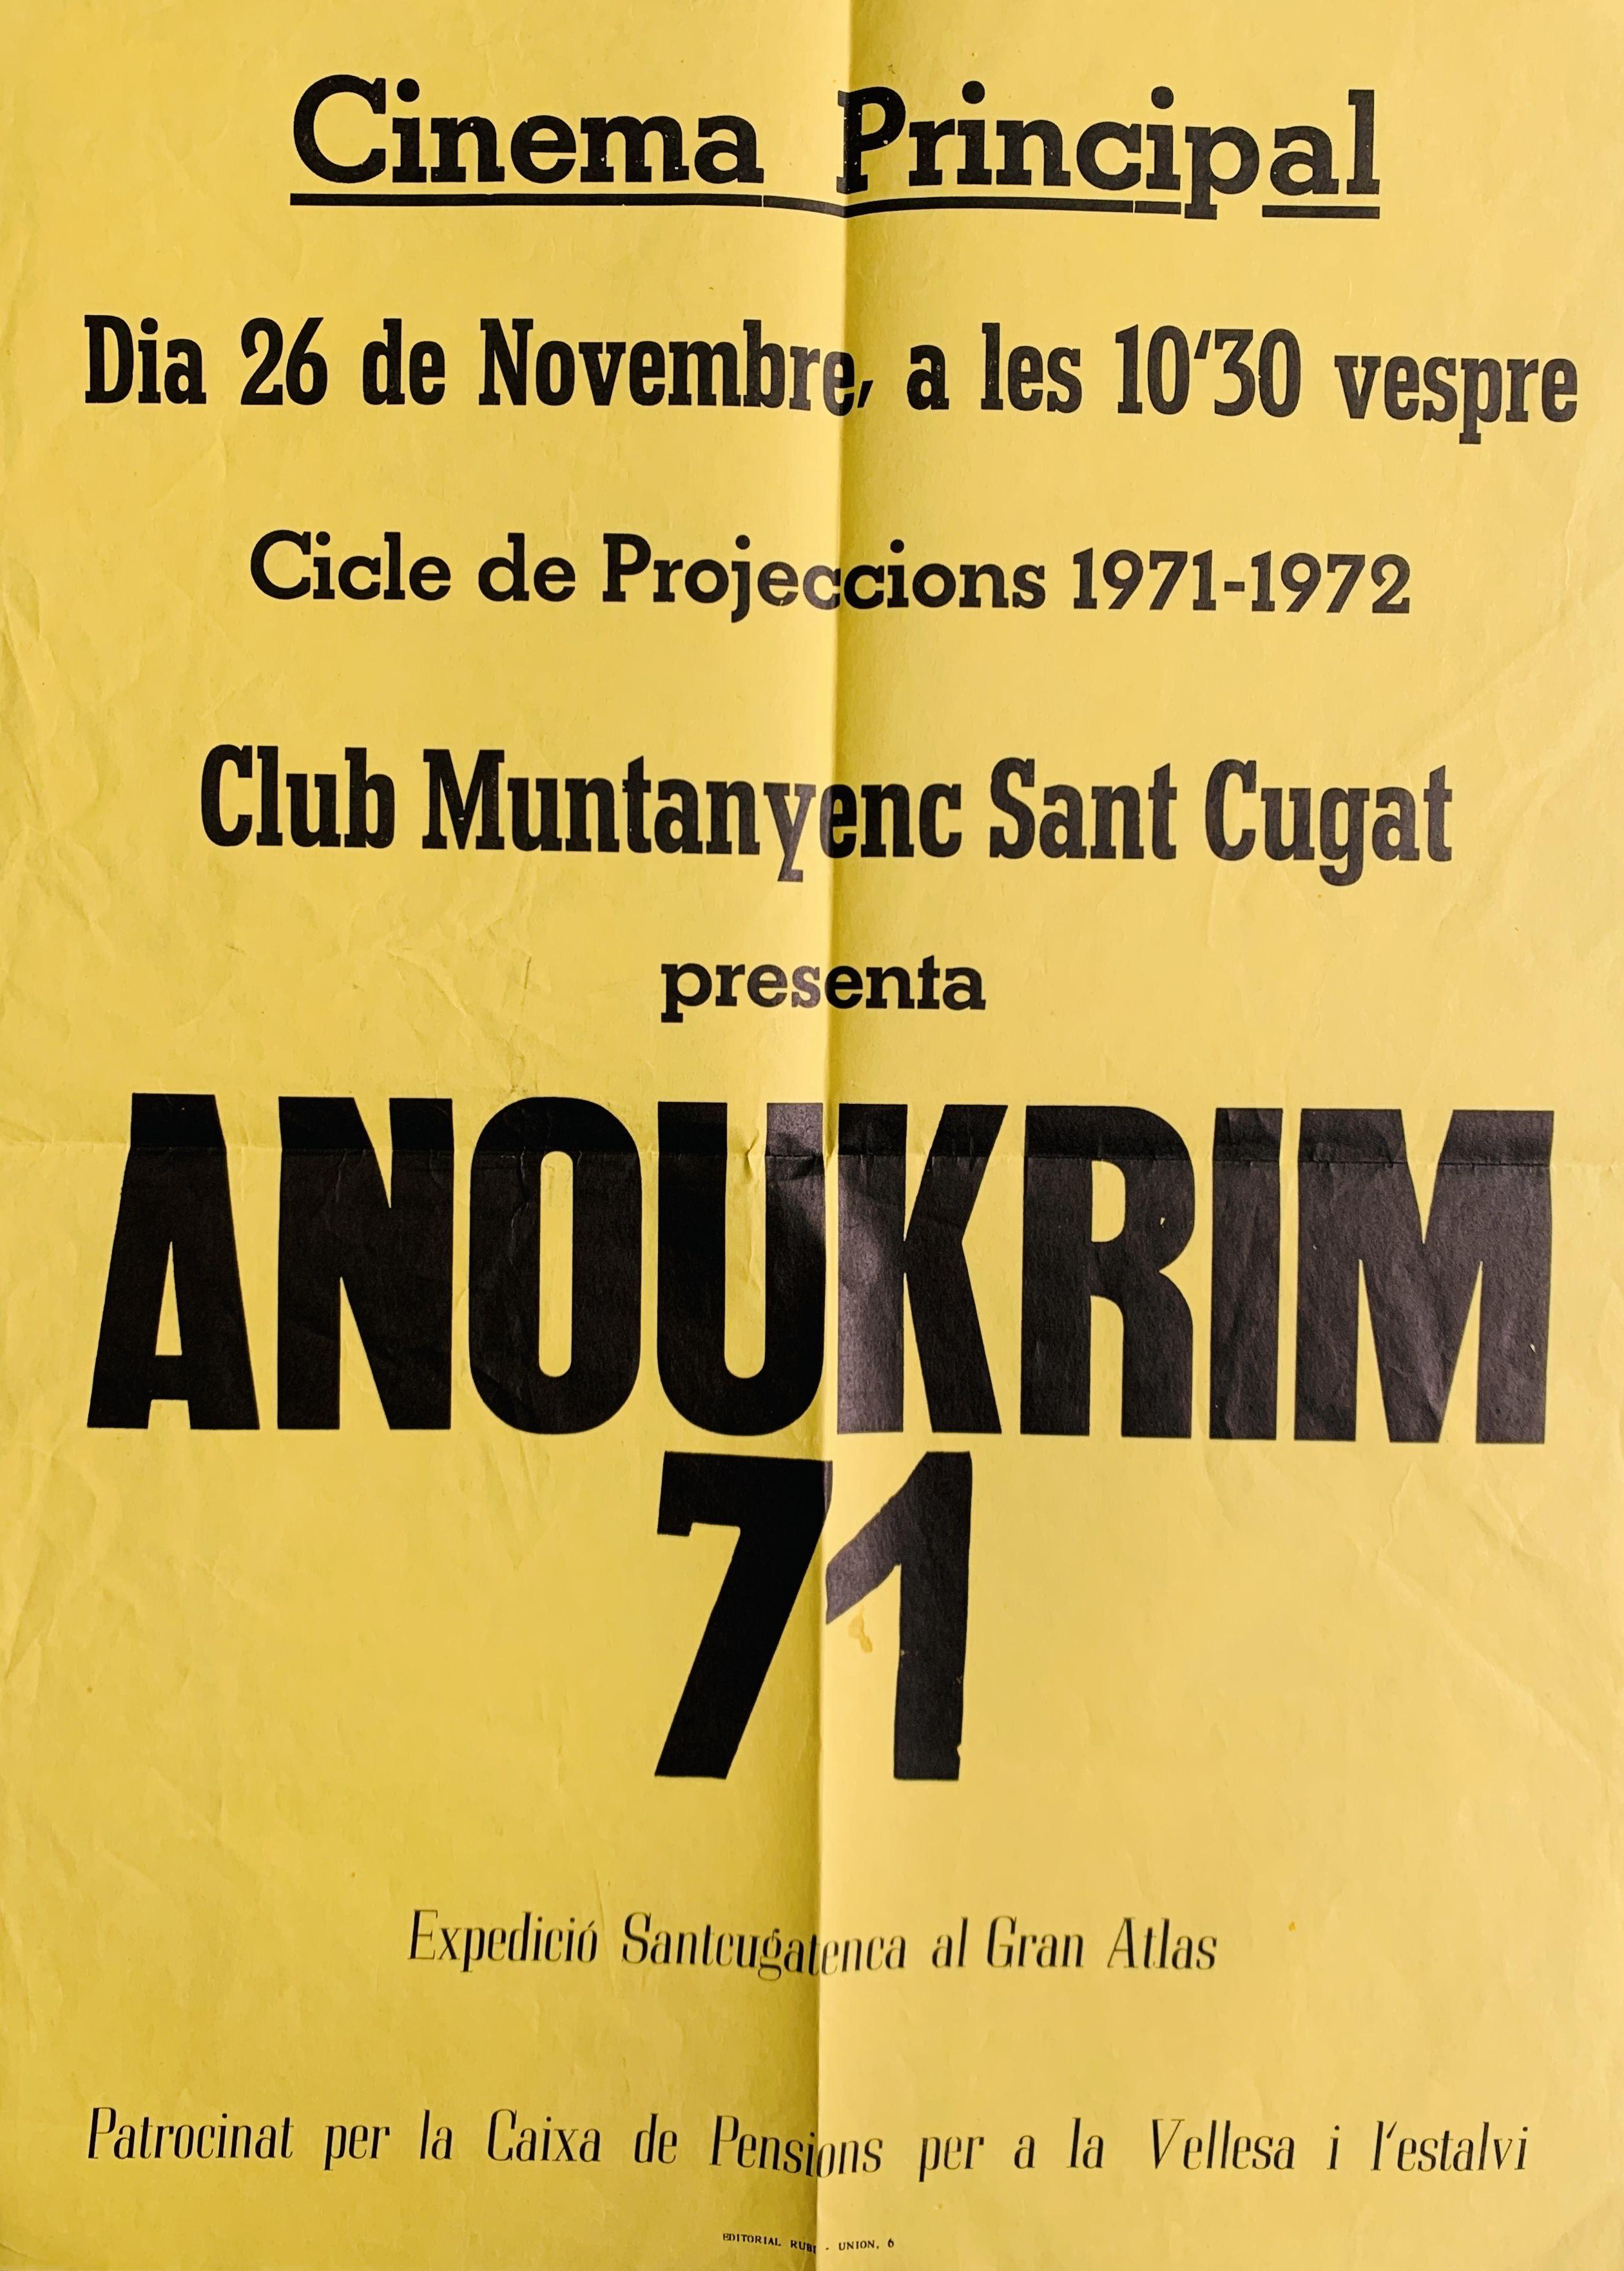 Cartell anunciant la projecció de l'expedició al Cinema Principal de Sant Cugat